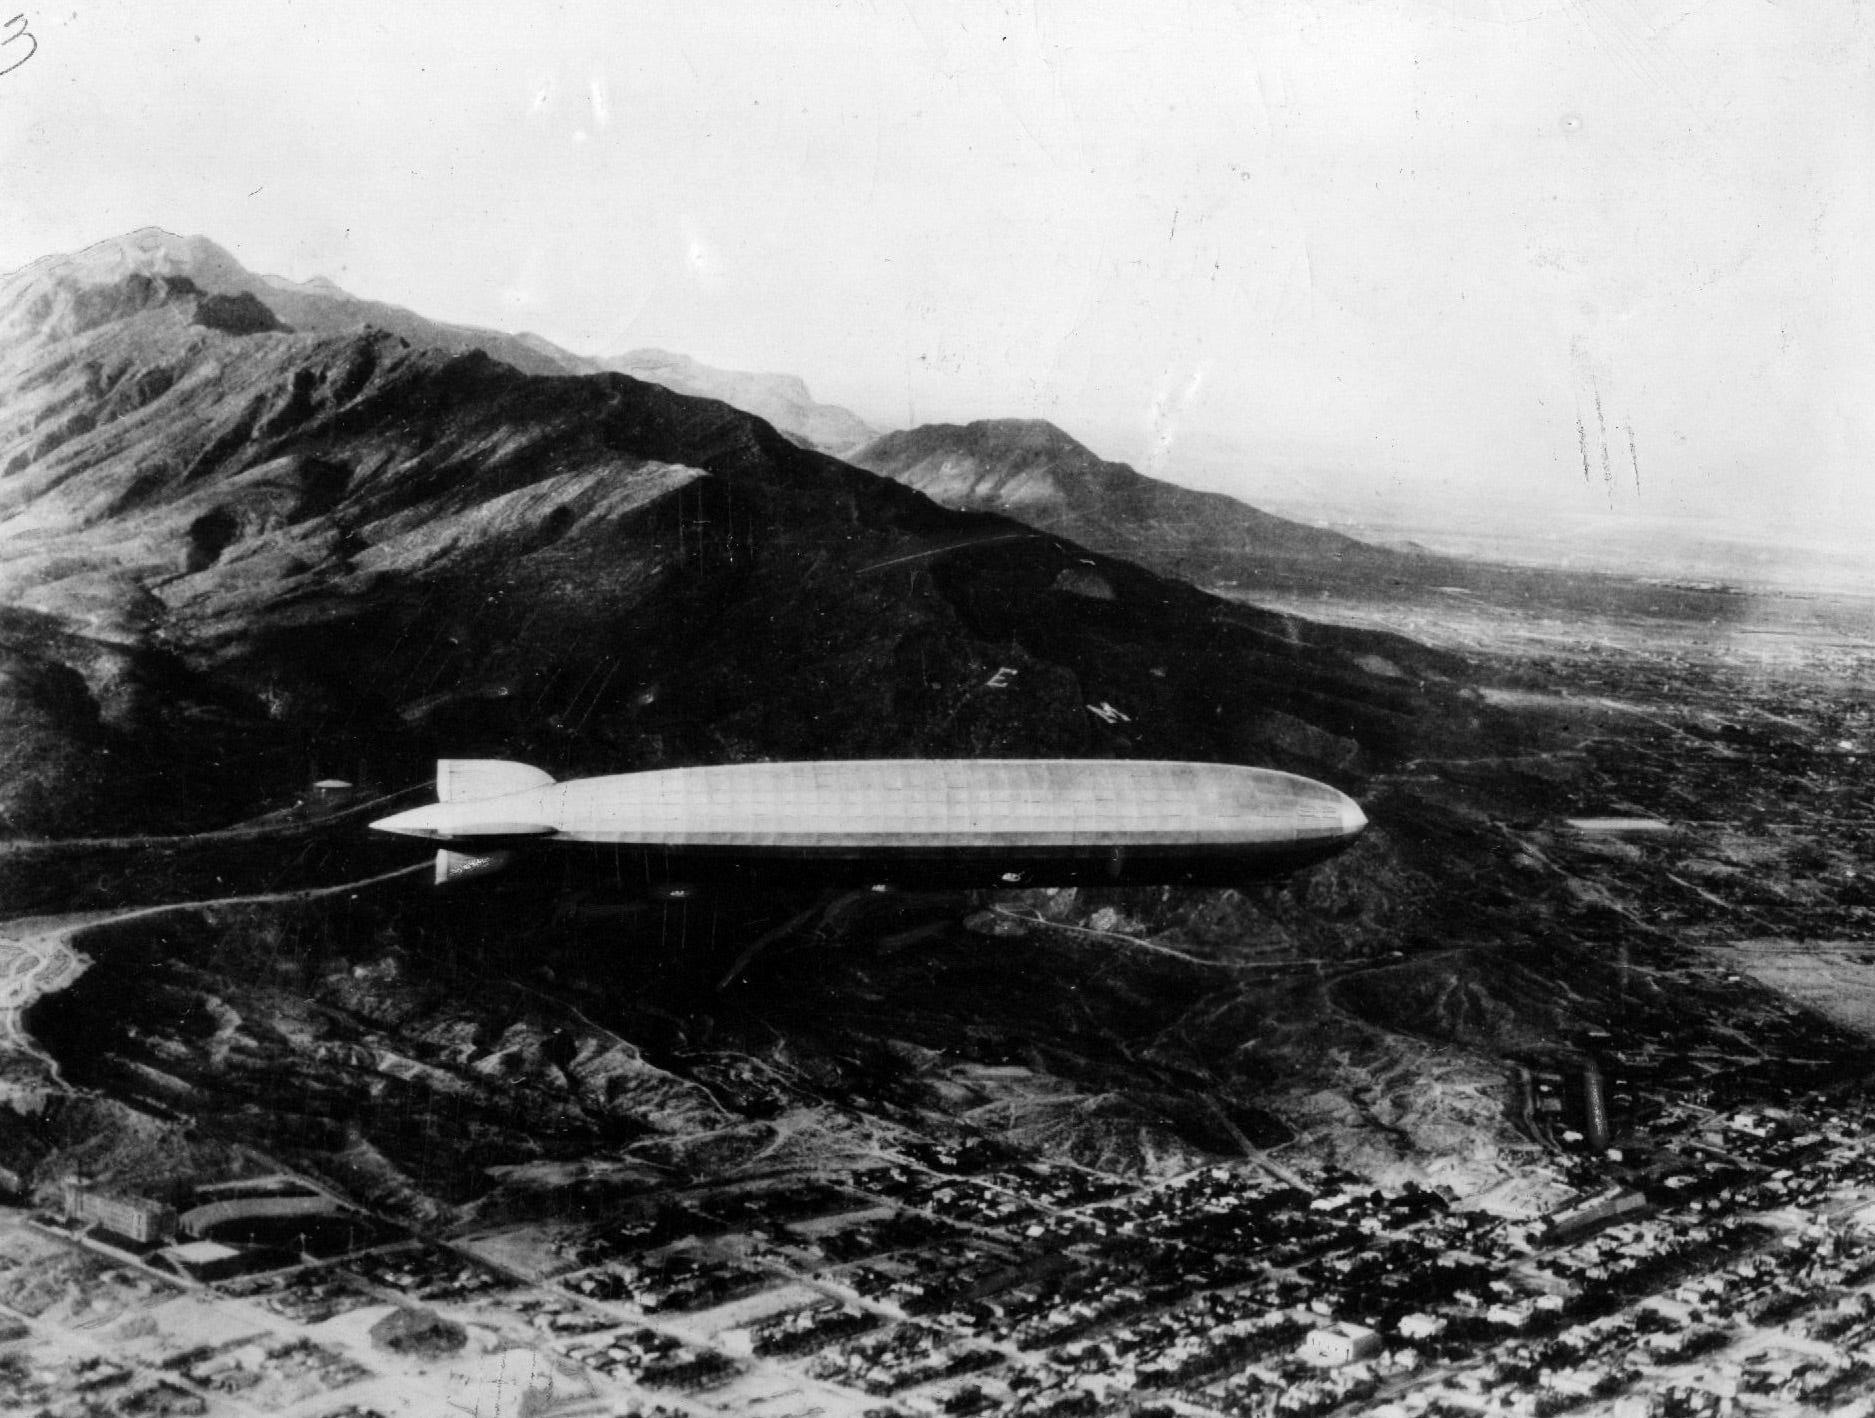 Zeppelin flies over El Paso on flight around the world